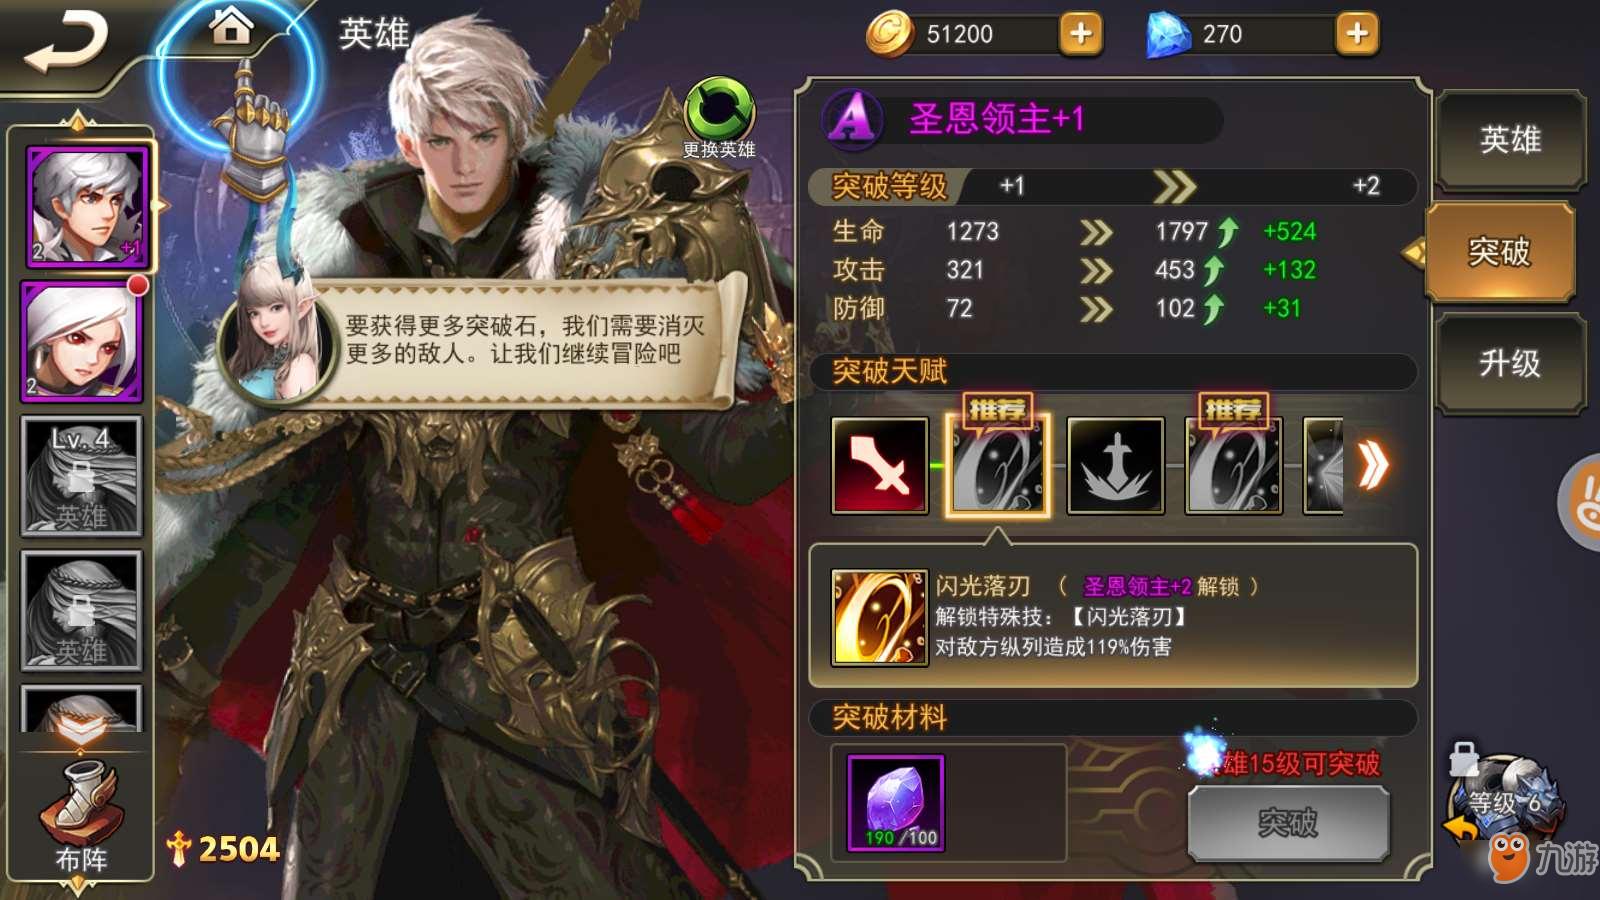 女神联盟2黑暗骑士有什么技能 黑暗骑士技能介绍